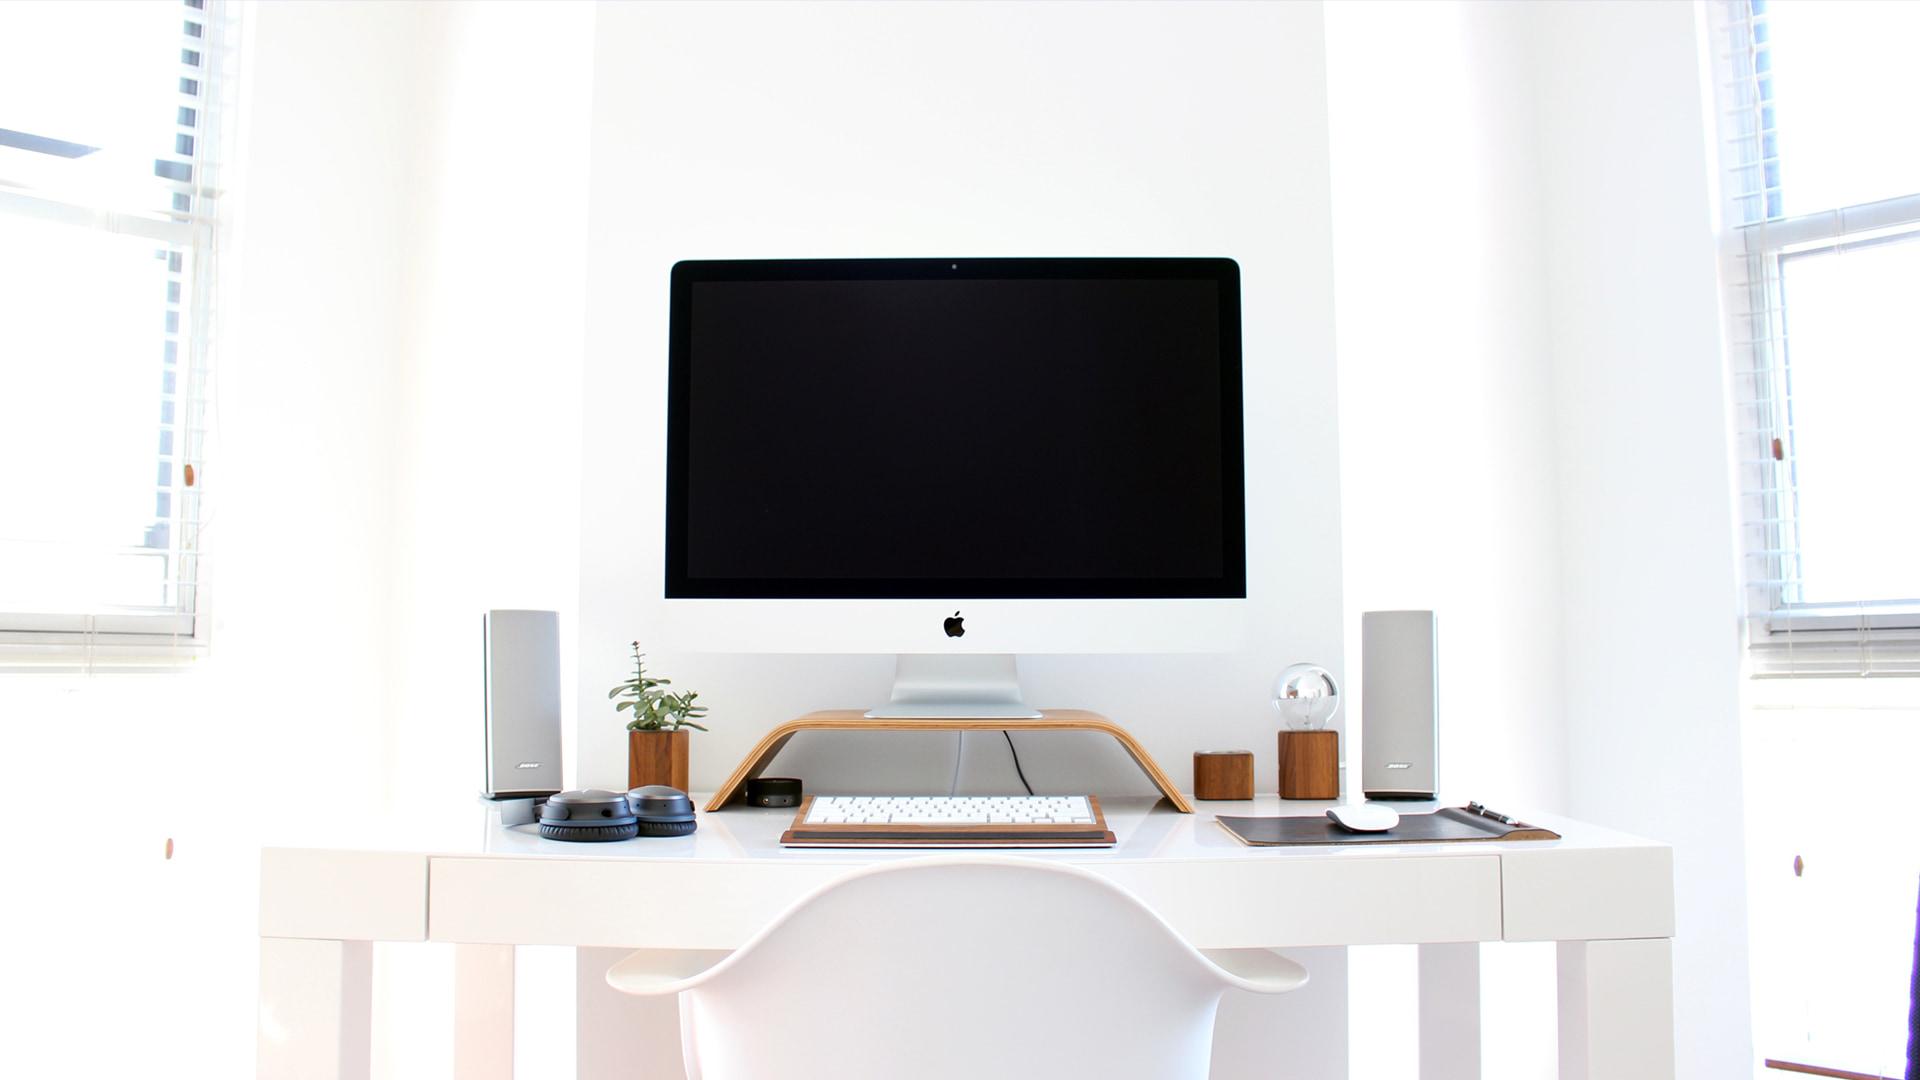 miglior-web-designer-Prato-miglior-web-designer-Firenze